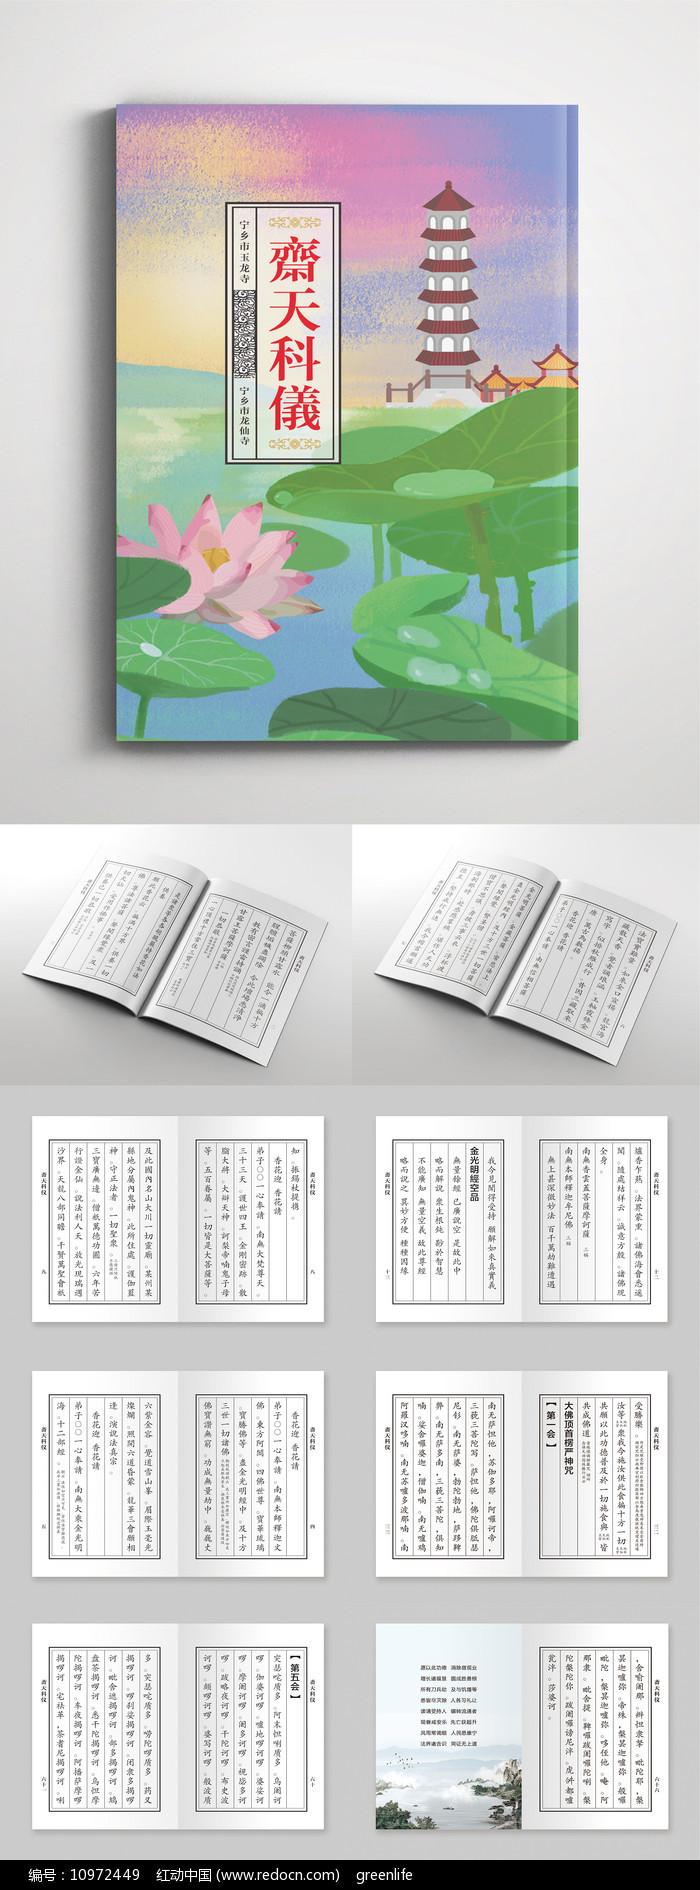 佛教玉龙寺斋天科仪宣传册